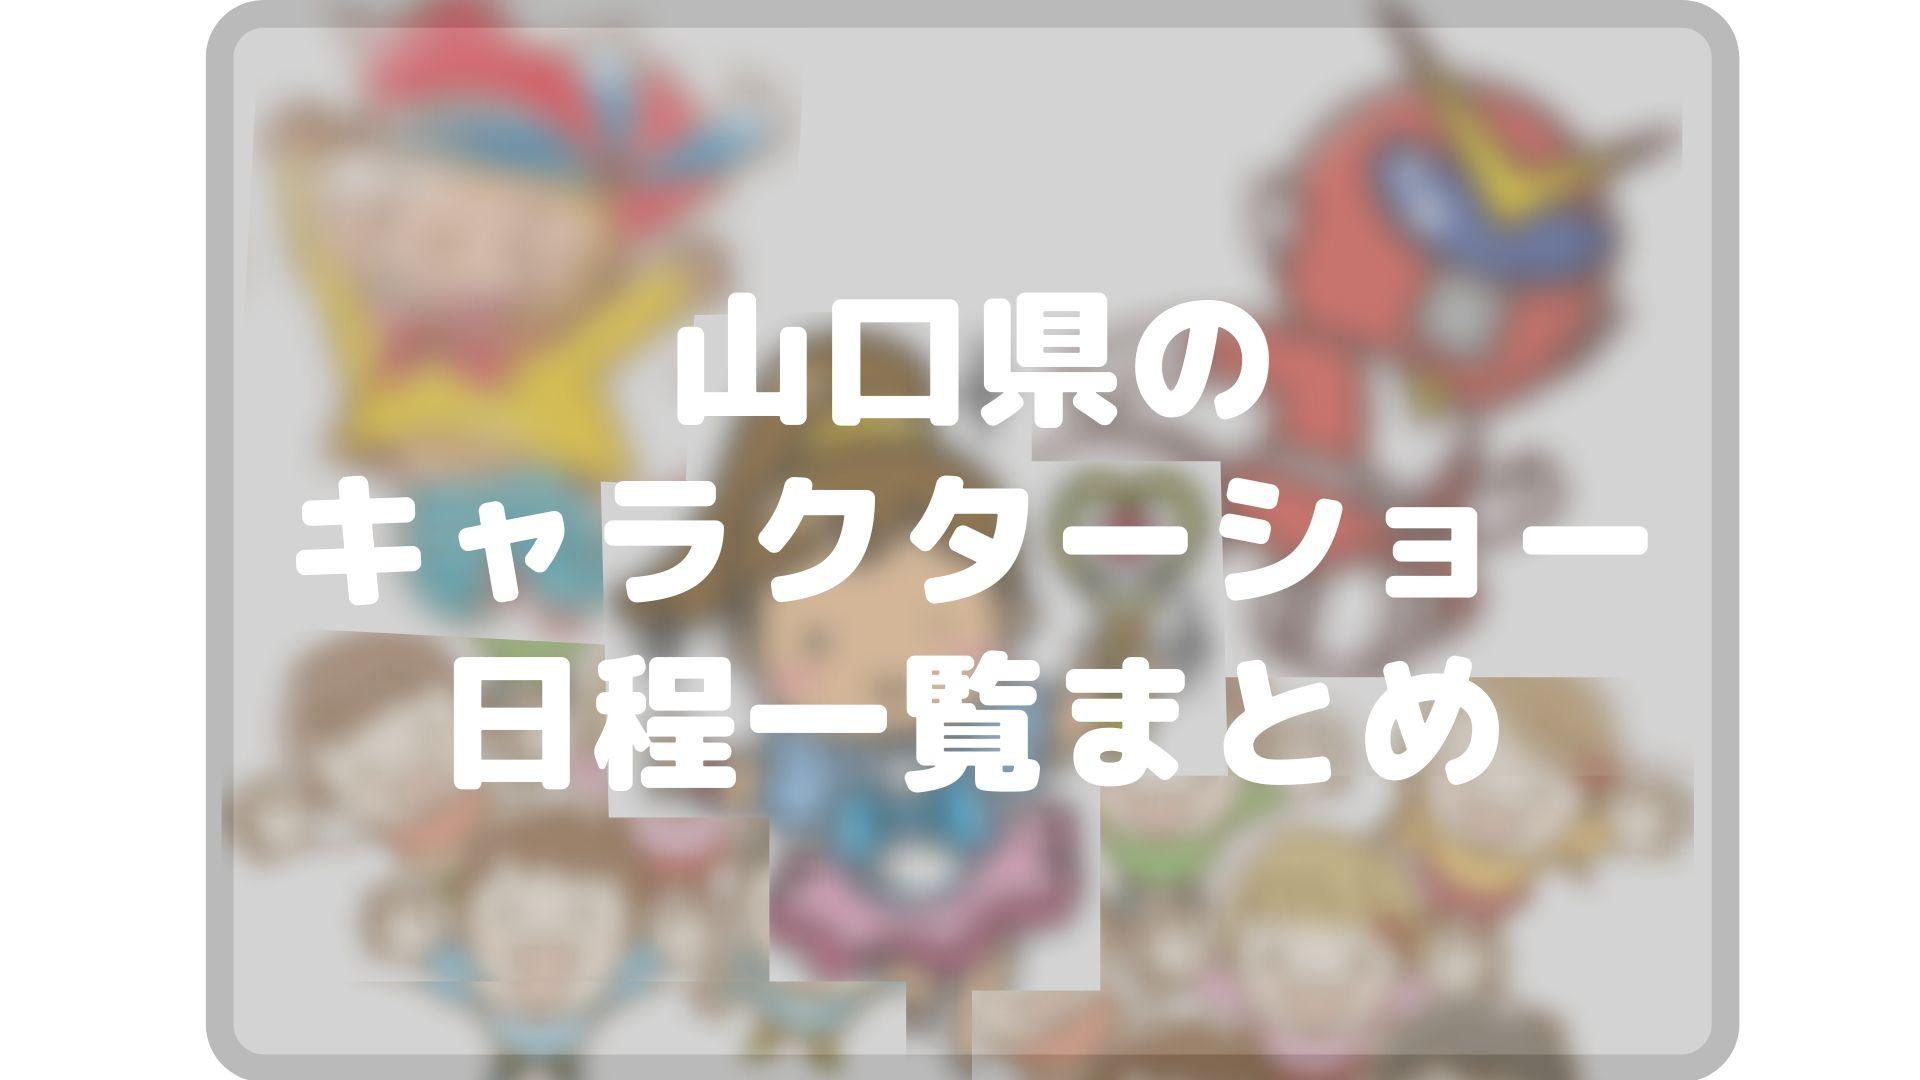 山口県のキャラクターショーまとめタイトル画像